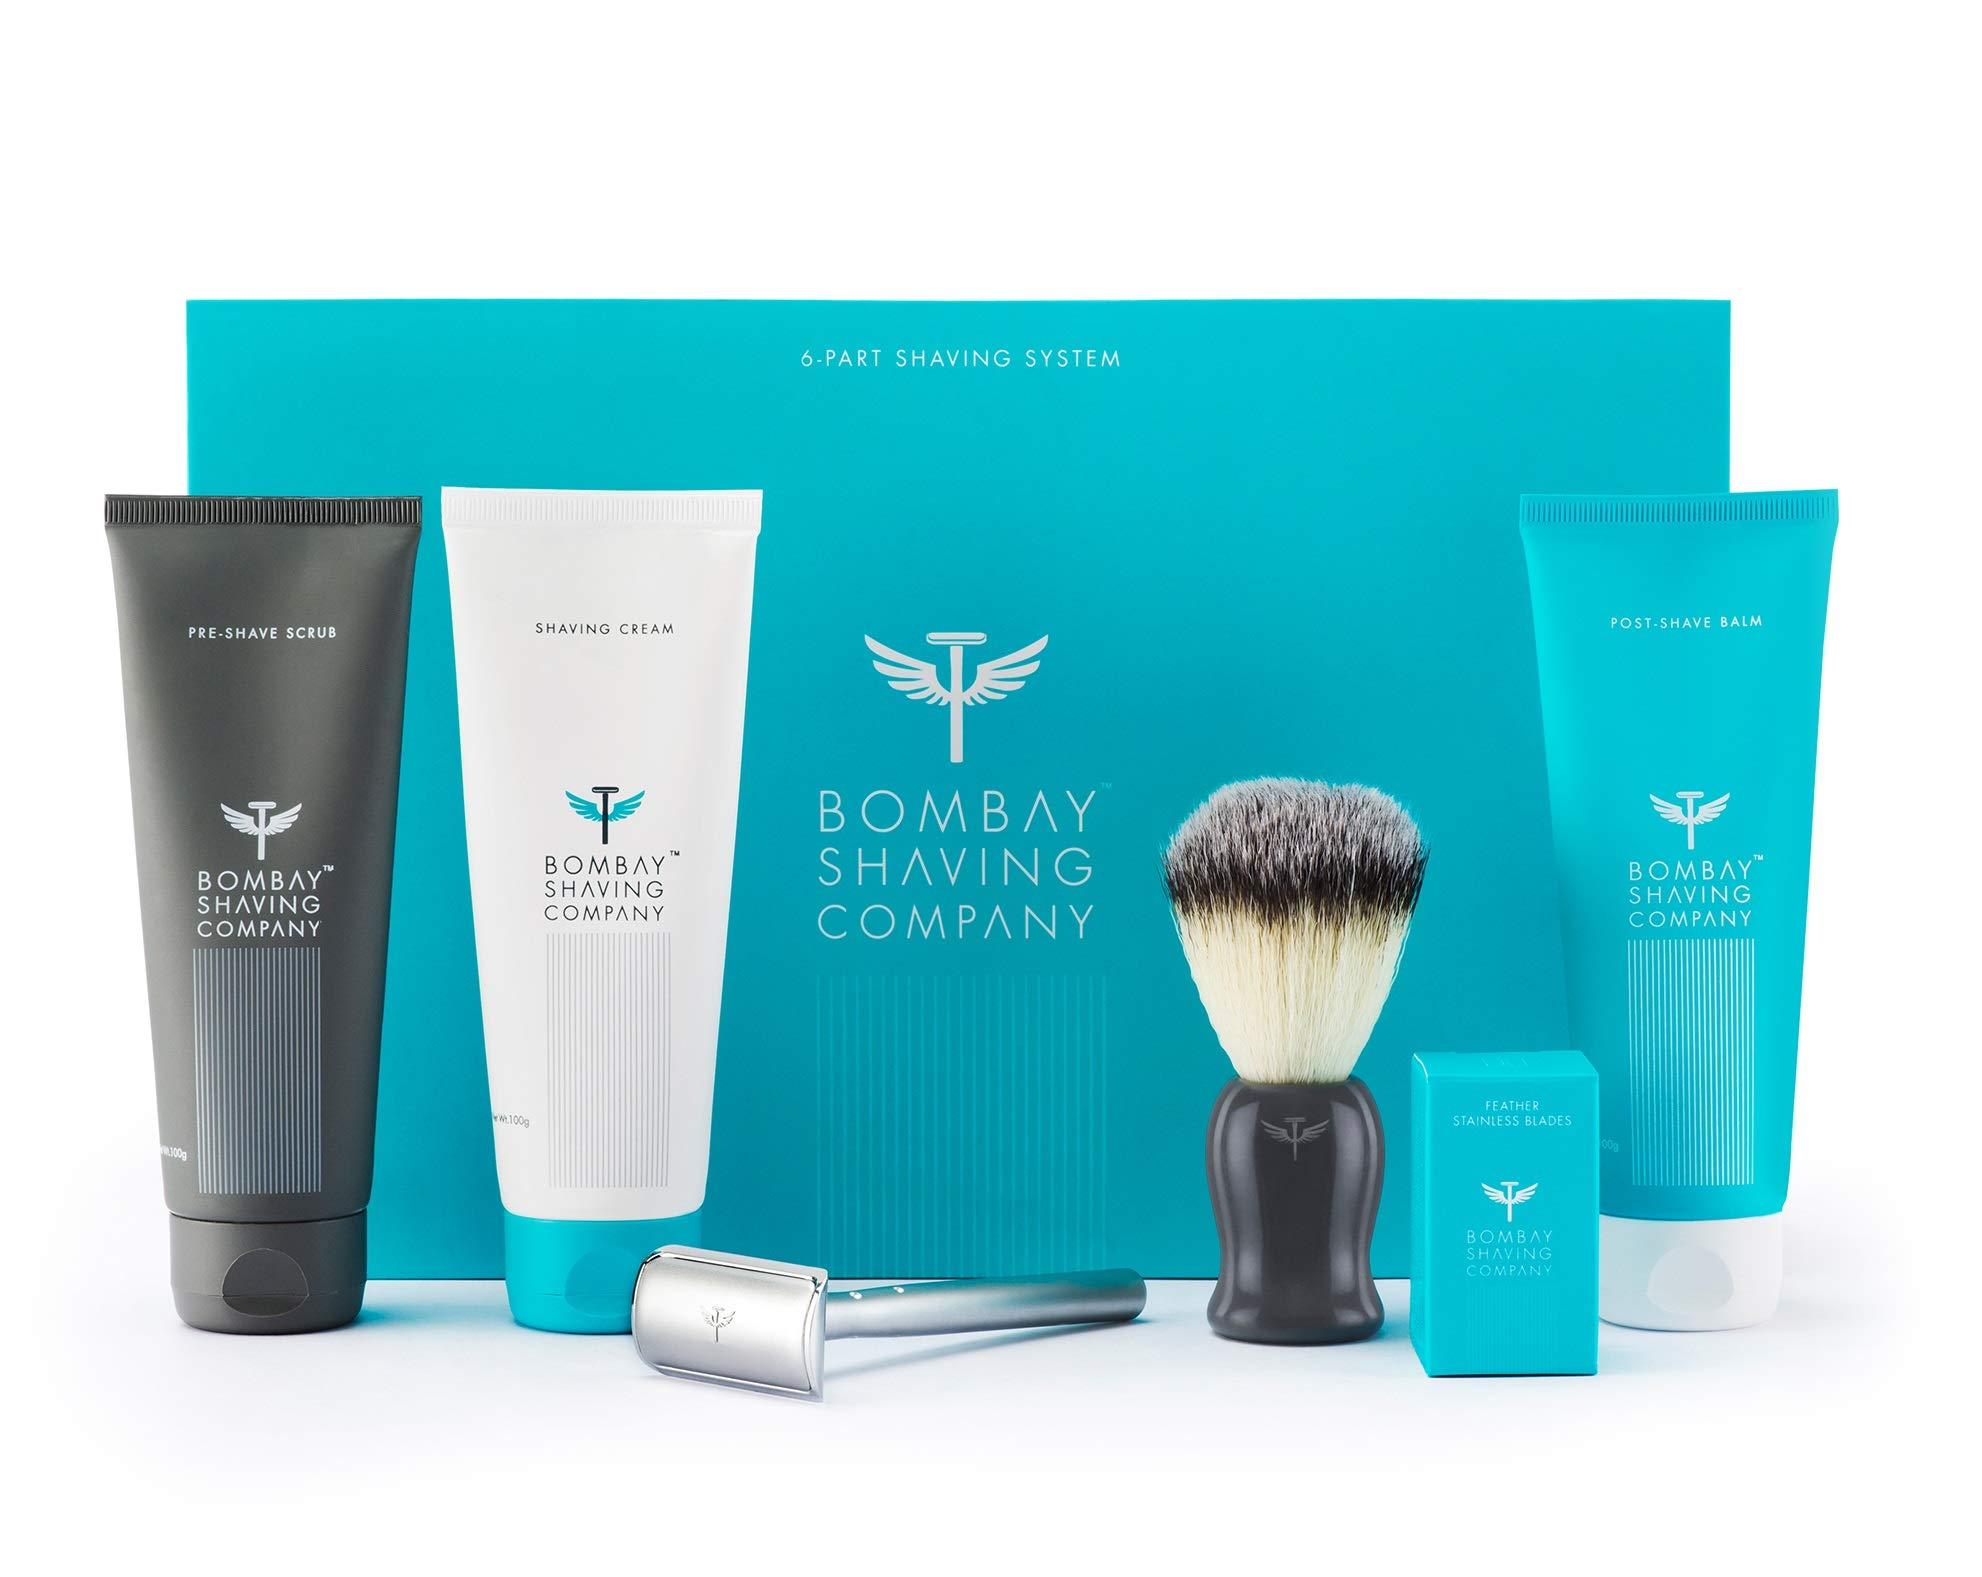 Bombay Shaving Company Complete Shaving Kit (Safety Razor, Blades, Imitation Badger Brush, Scrub, Cream, Balm) | Gift for Men by BOMBAY SHAVING COMPANY